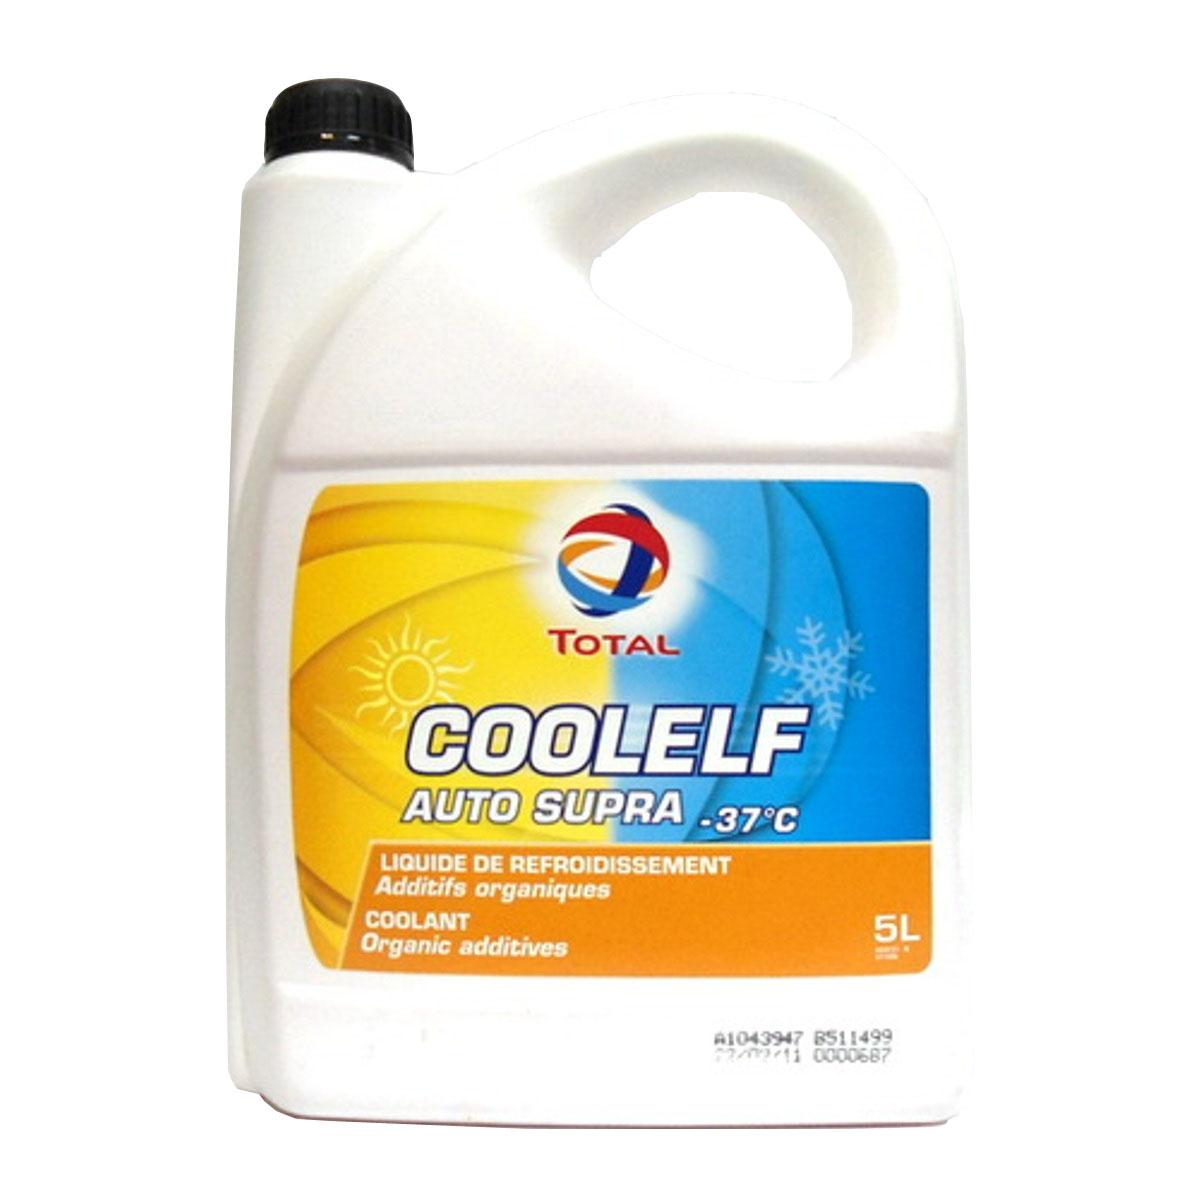 Охлаждающая жидкость Total Coolelf Auto Supra -37, 5 л101069Готовая охлаждающая жидкость с экстраувеличенным сроком службы на основе моноэтиленгликоля и органических ингибиторов коррозии. Температура застывания: -37°С. интервал замены – 5 лет (650 000 км для грузовиков, 250 000 км для легковых автомобилей). уменьшает износ блока цилиндров и водяной помпы. не содержит силикатов, фосфатов, хроматов, нитритов или боратов.AFNOR NFR 15-601, BS 6580, ASTM D 3306, ASTM D 4656, ASTM D4985, MB 325.3, DEUTZ / MWM, FORD, MAN 324 TYP SNF, VW TL 774D, JAGUAR, LEYLAND TRUCKS, OPEL-GM 6277M, RENAULT VI, SCANIA, SAAB, SEAT, SKODA